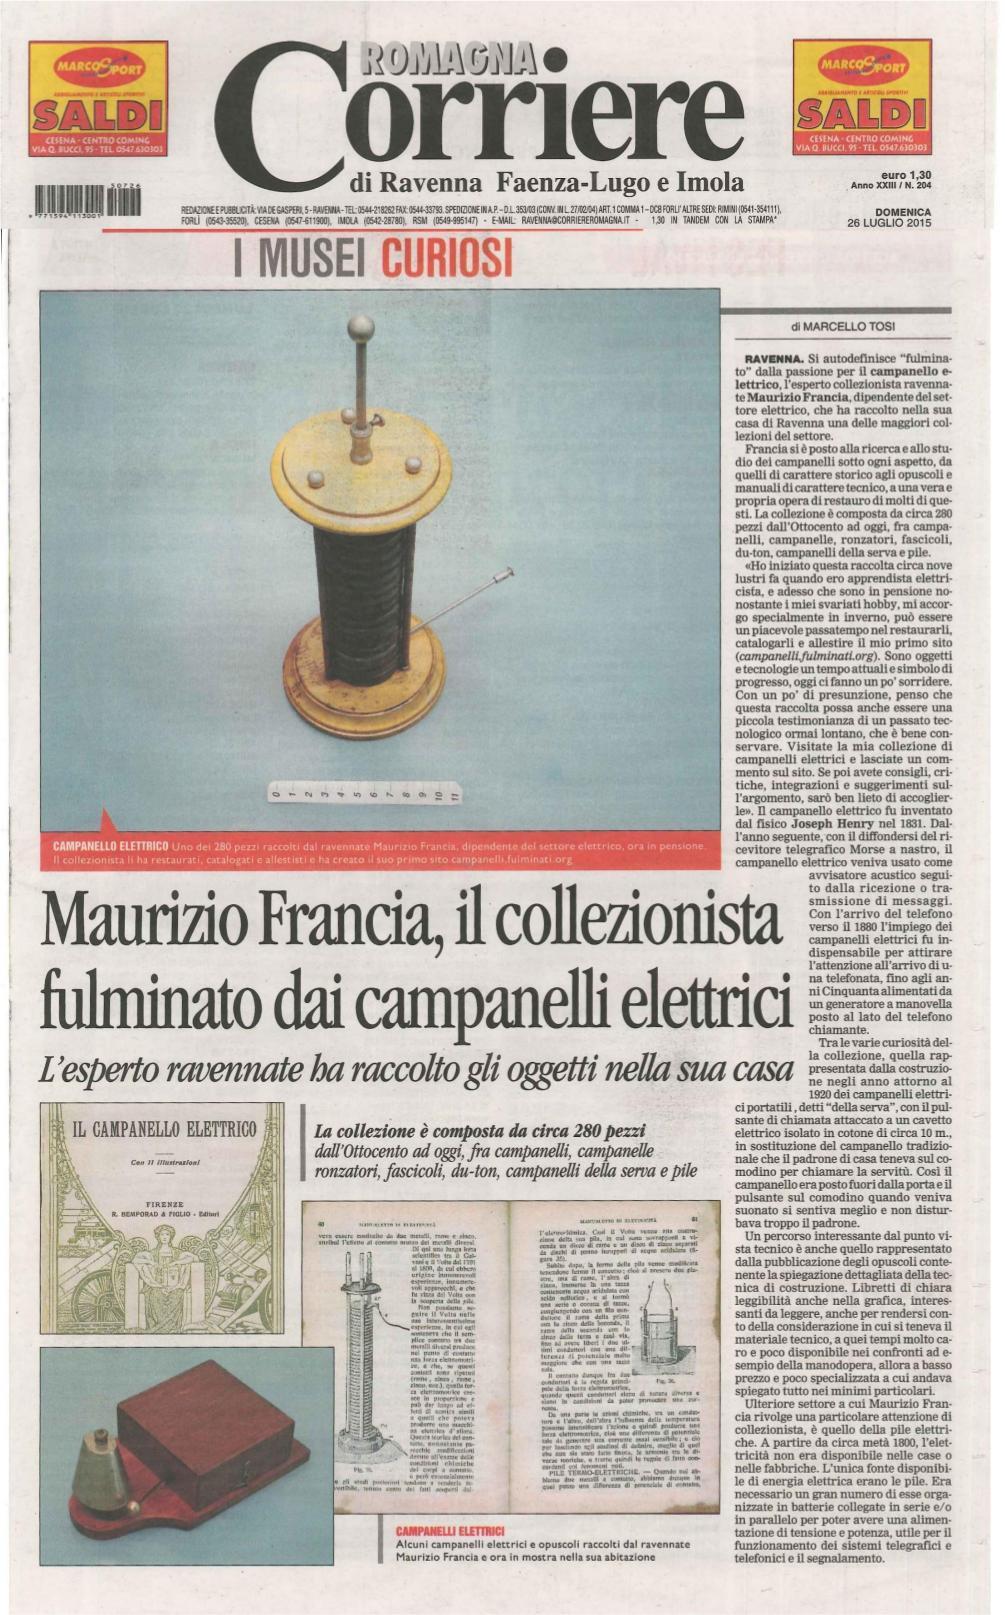 Marcello Tosi, giornalista per le pagine culturali del Corriere Romagna